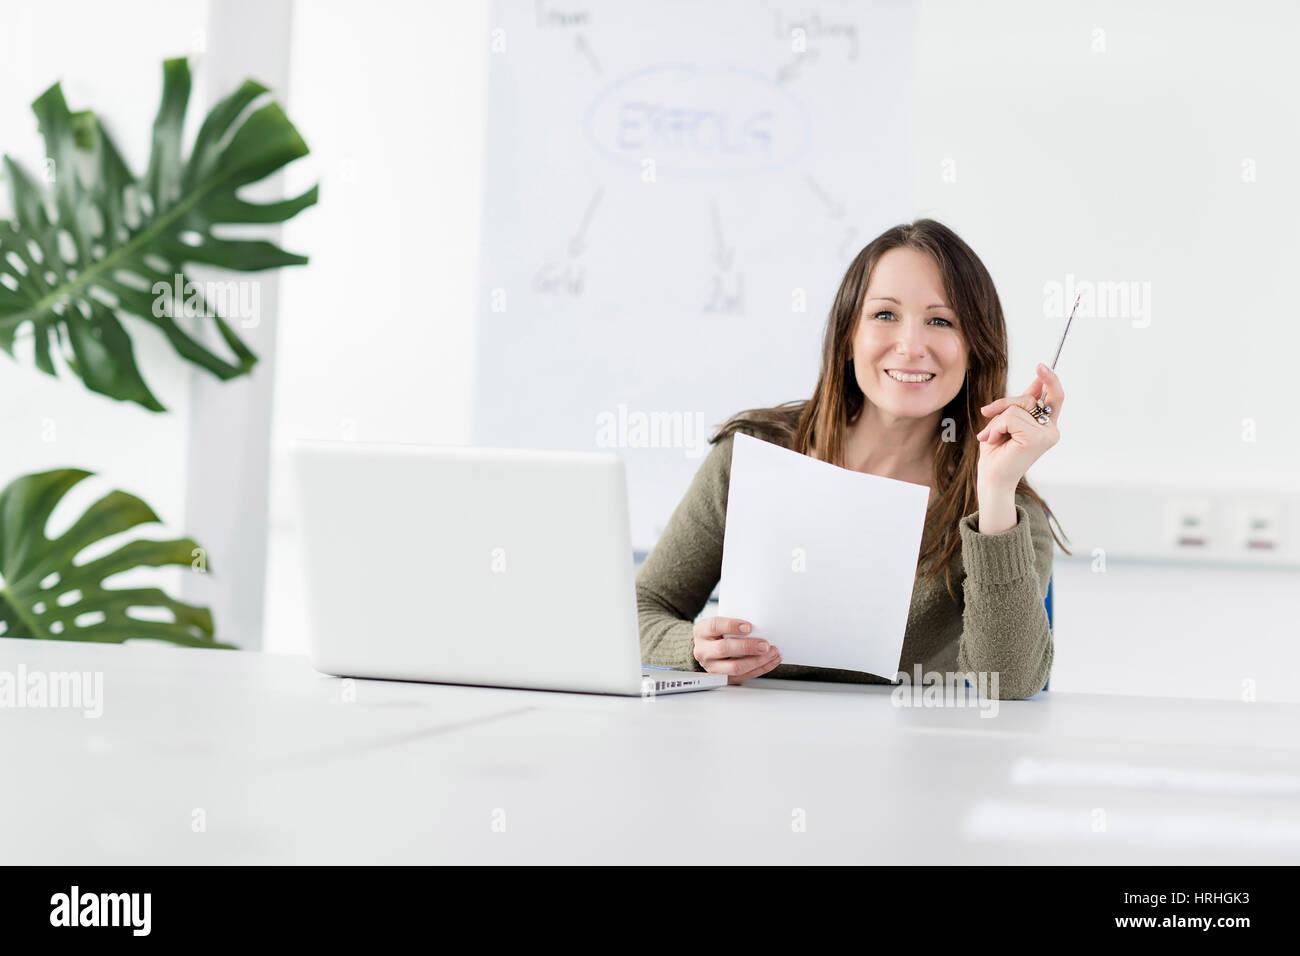 Frau im Buero - woman in office - Stock Image